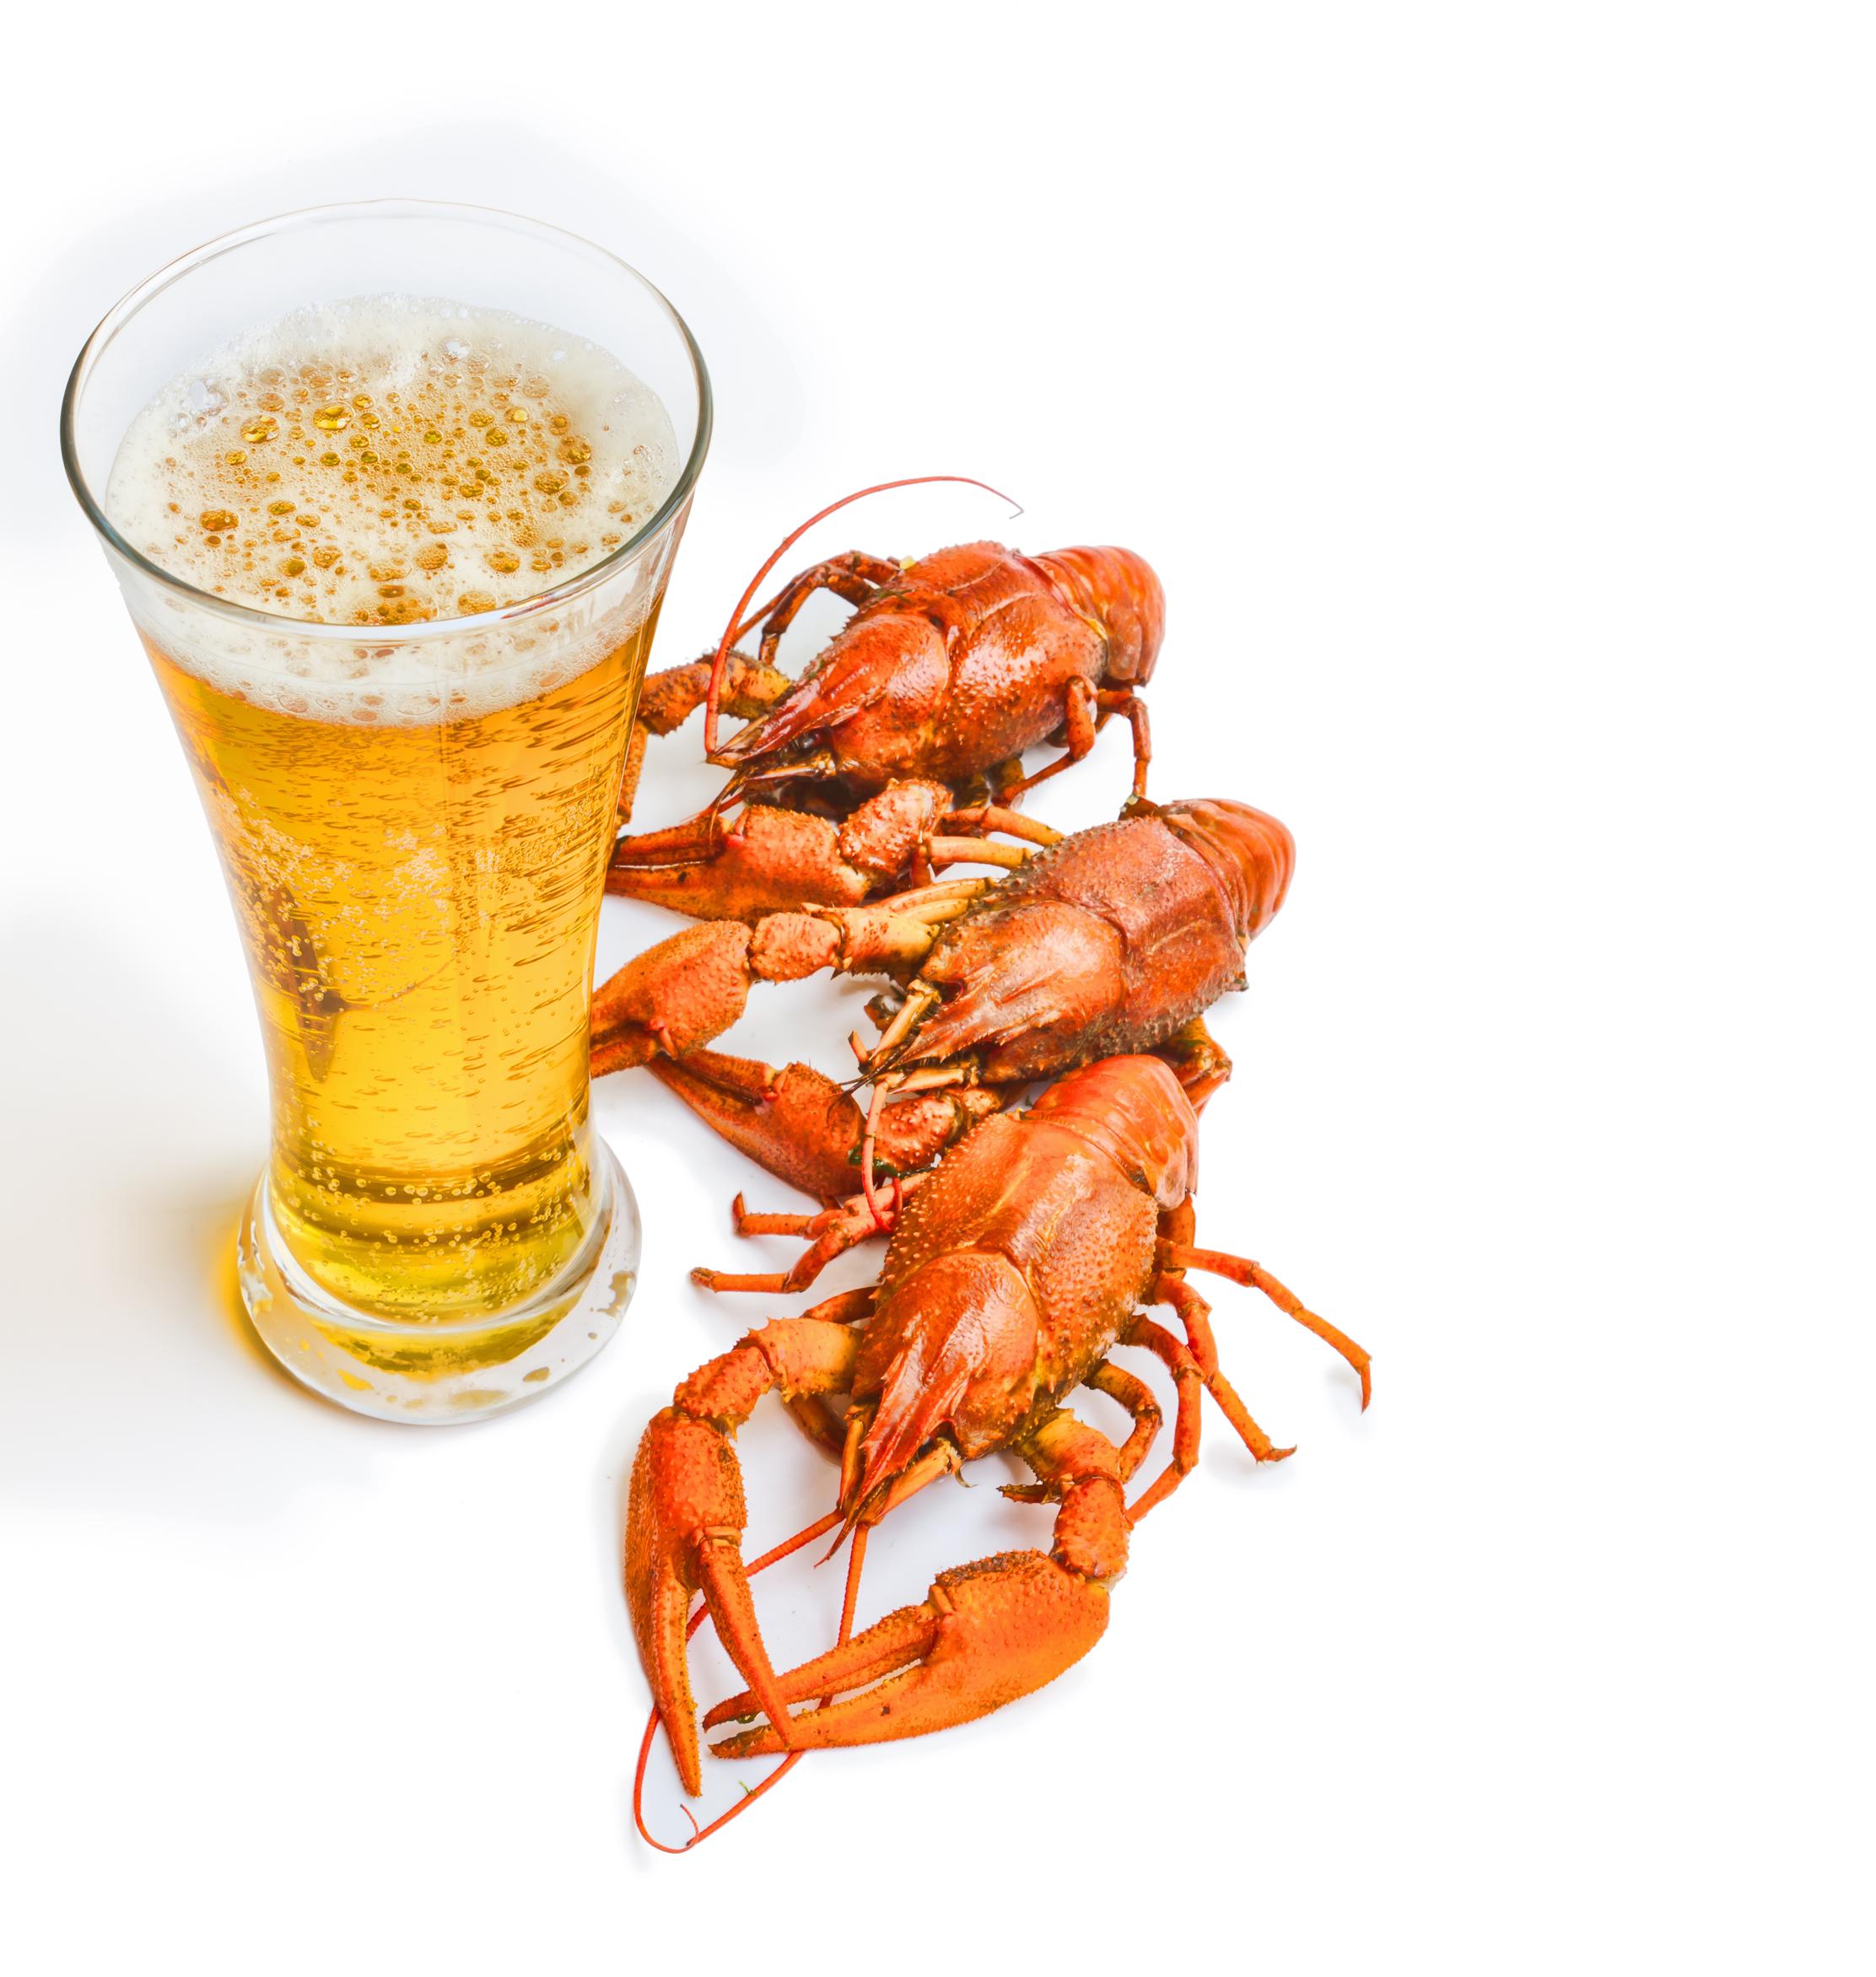 Пиво, фото, клипарт, обои для рабочего стола, скачать, beer, рак с пивом